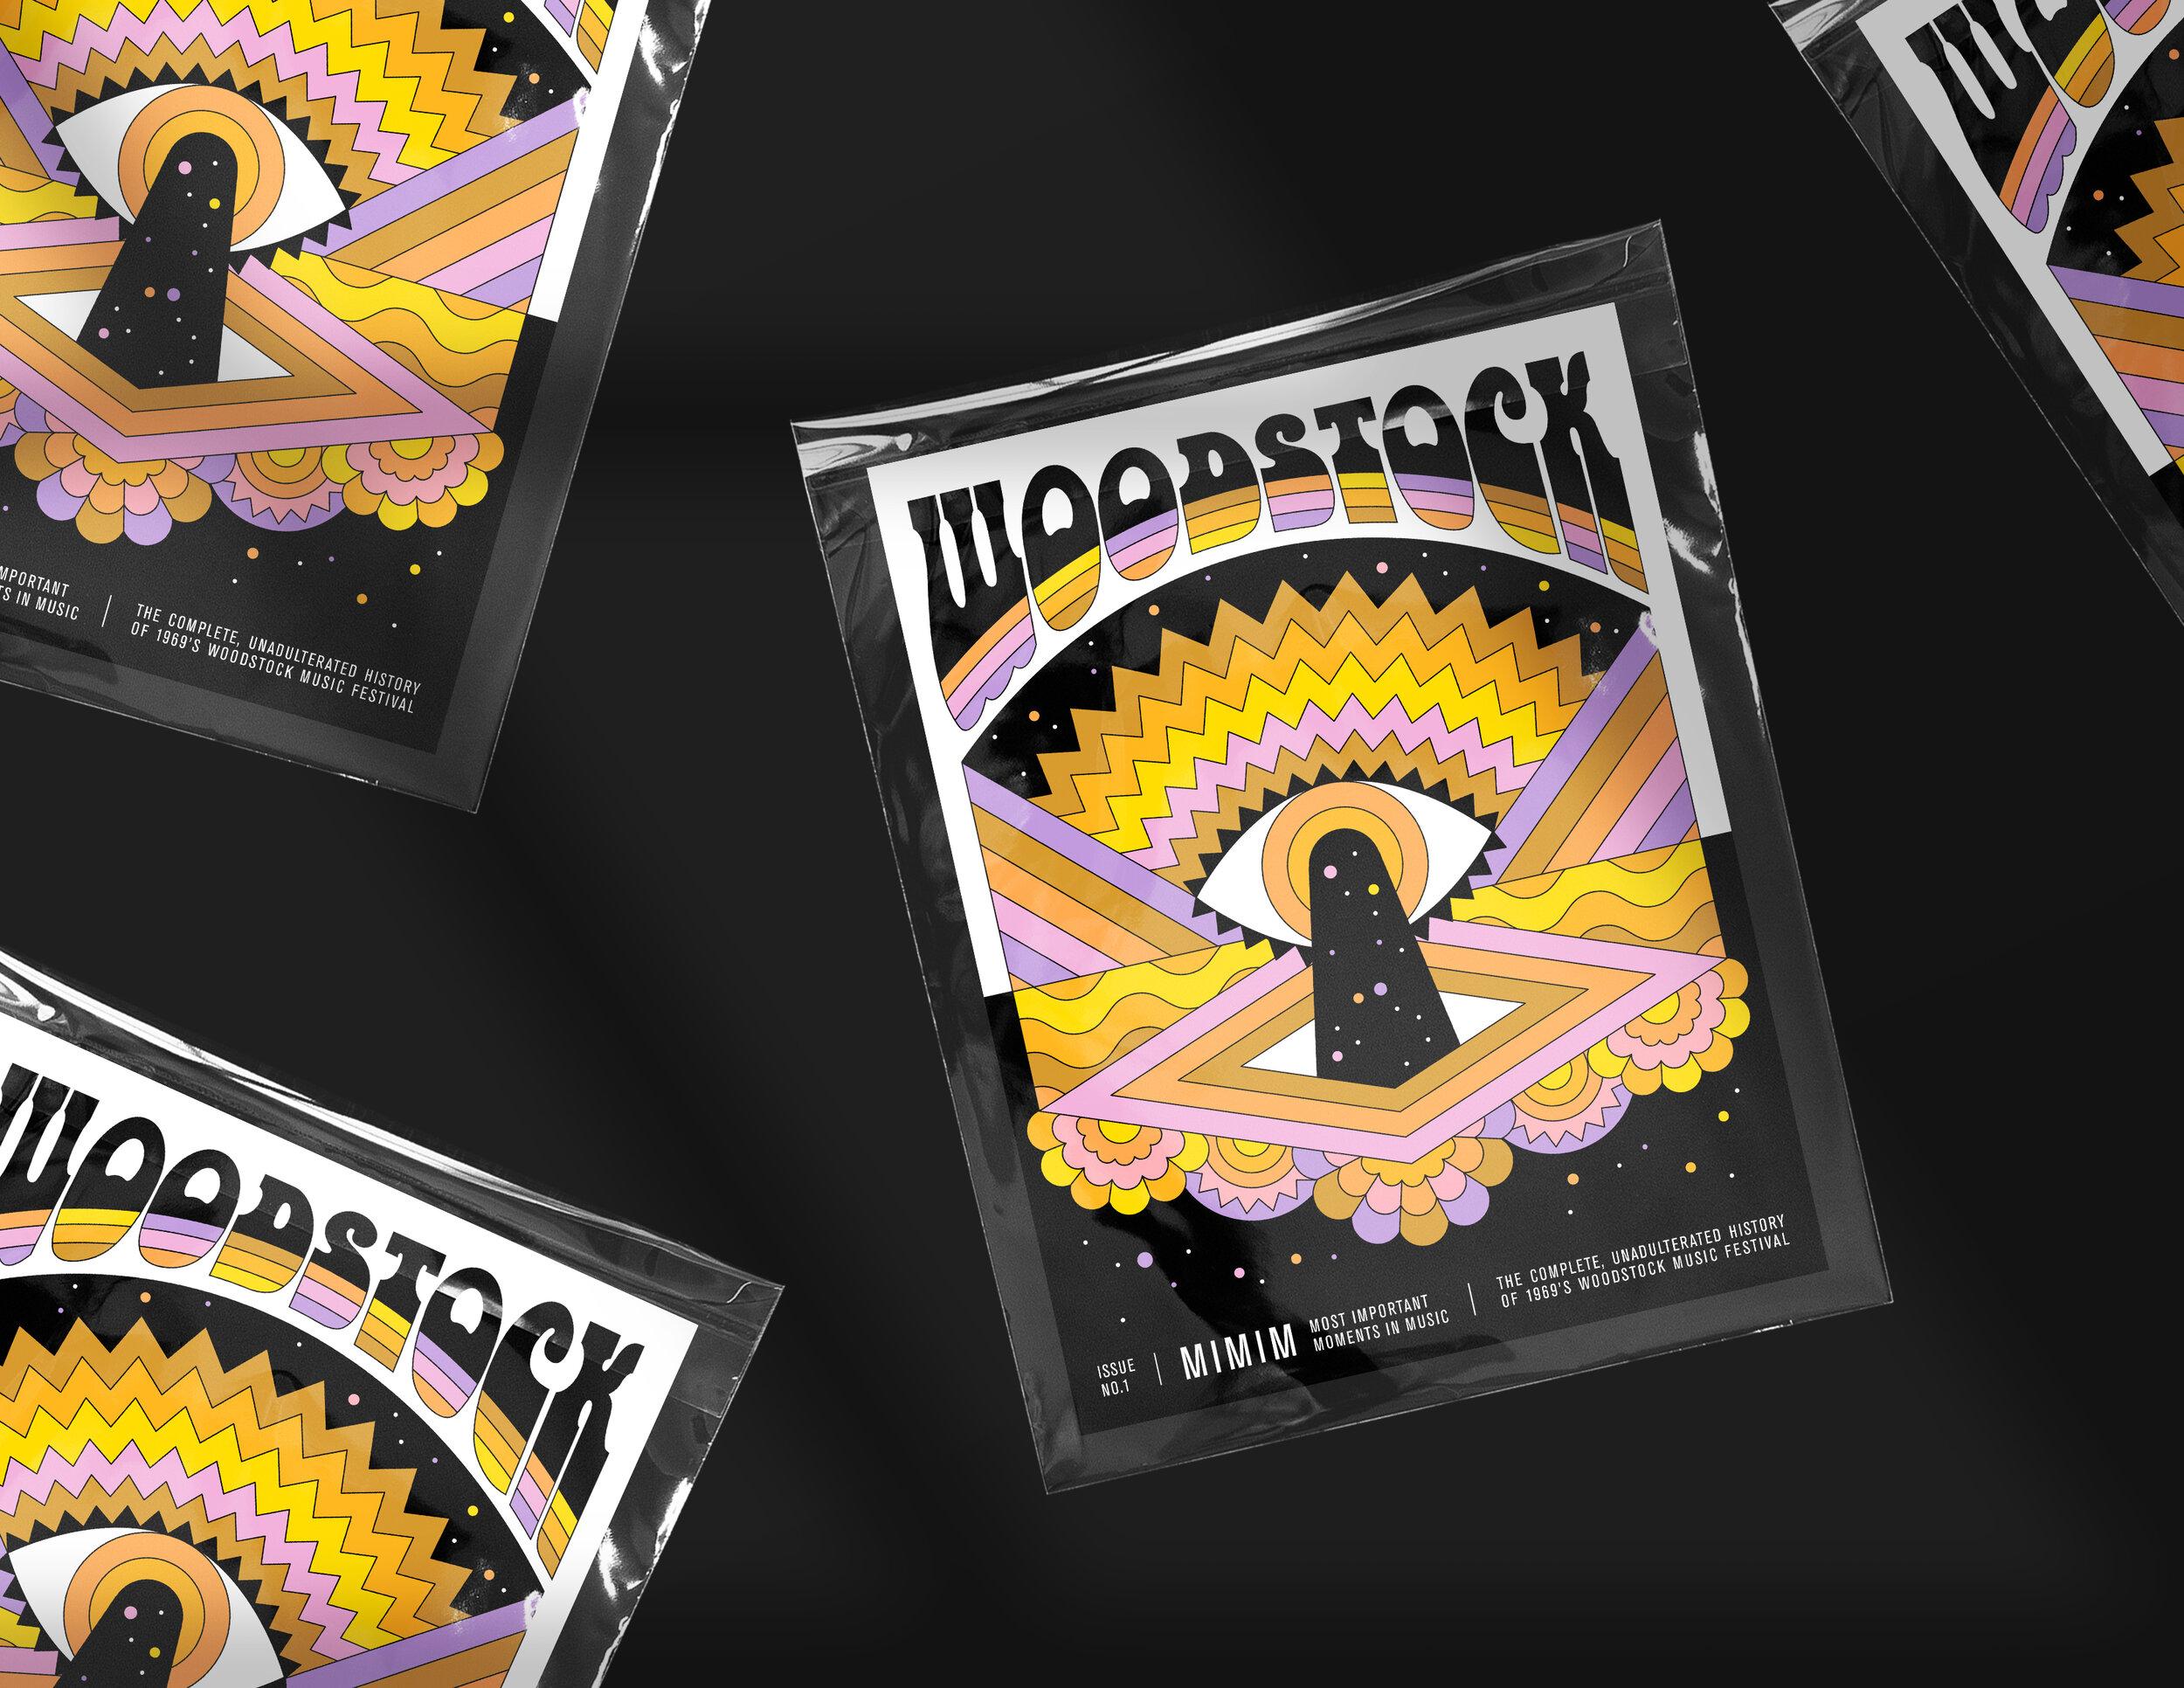 MIMIM Zine: Woodstock